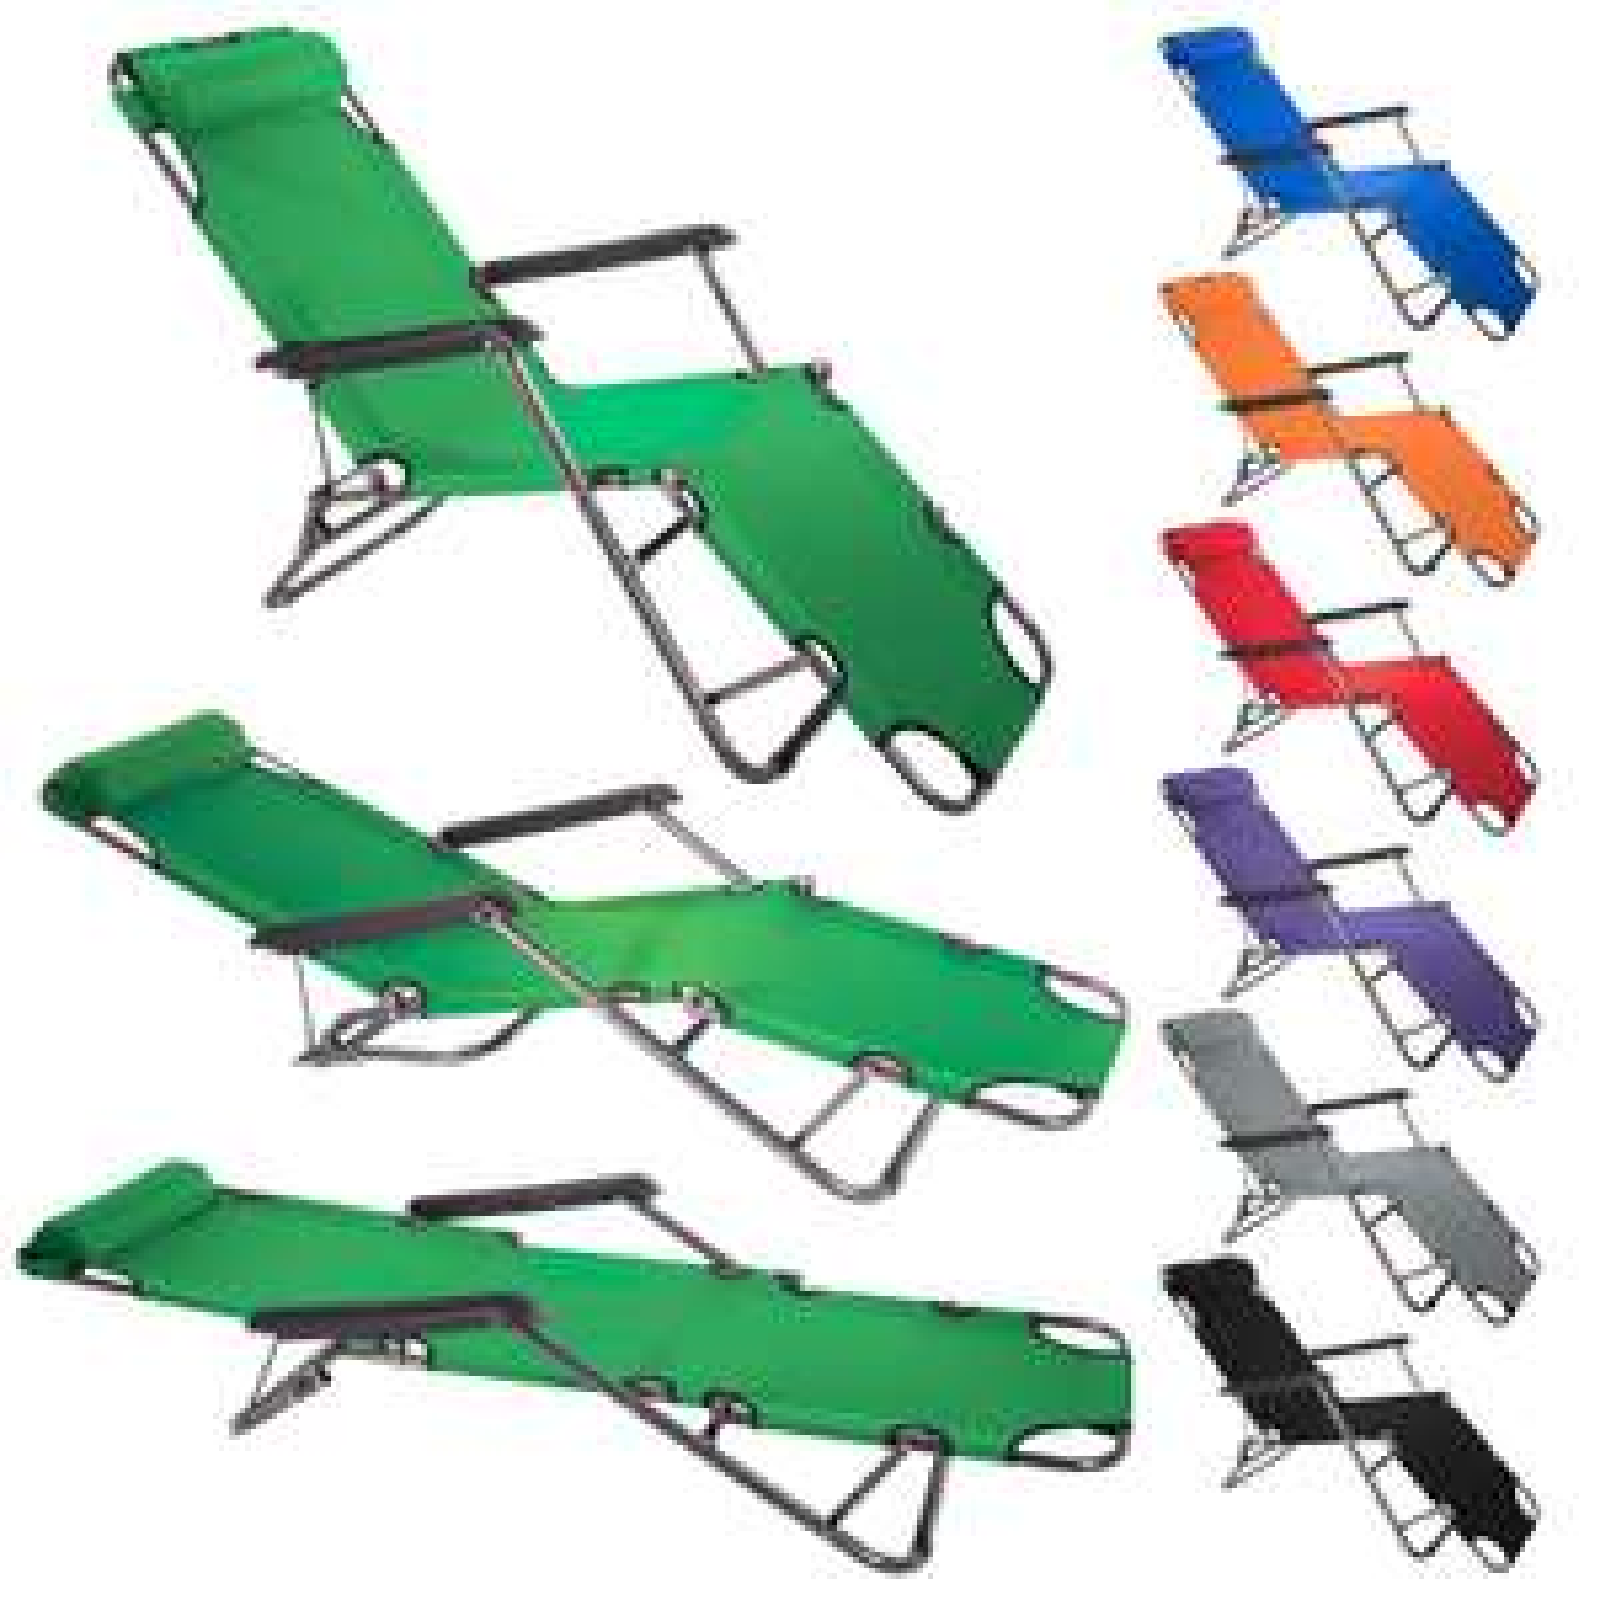 Smartfox Sonnenliege Relaxliege Poolliege Liegestuhl Strandliege verschiedene Farben @ebay 24,99€